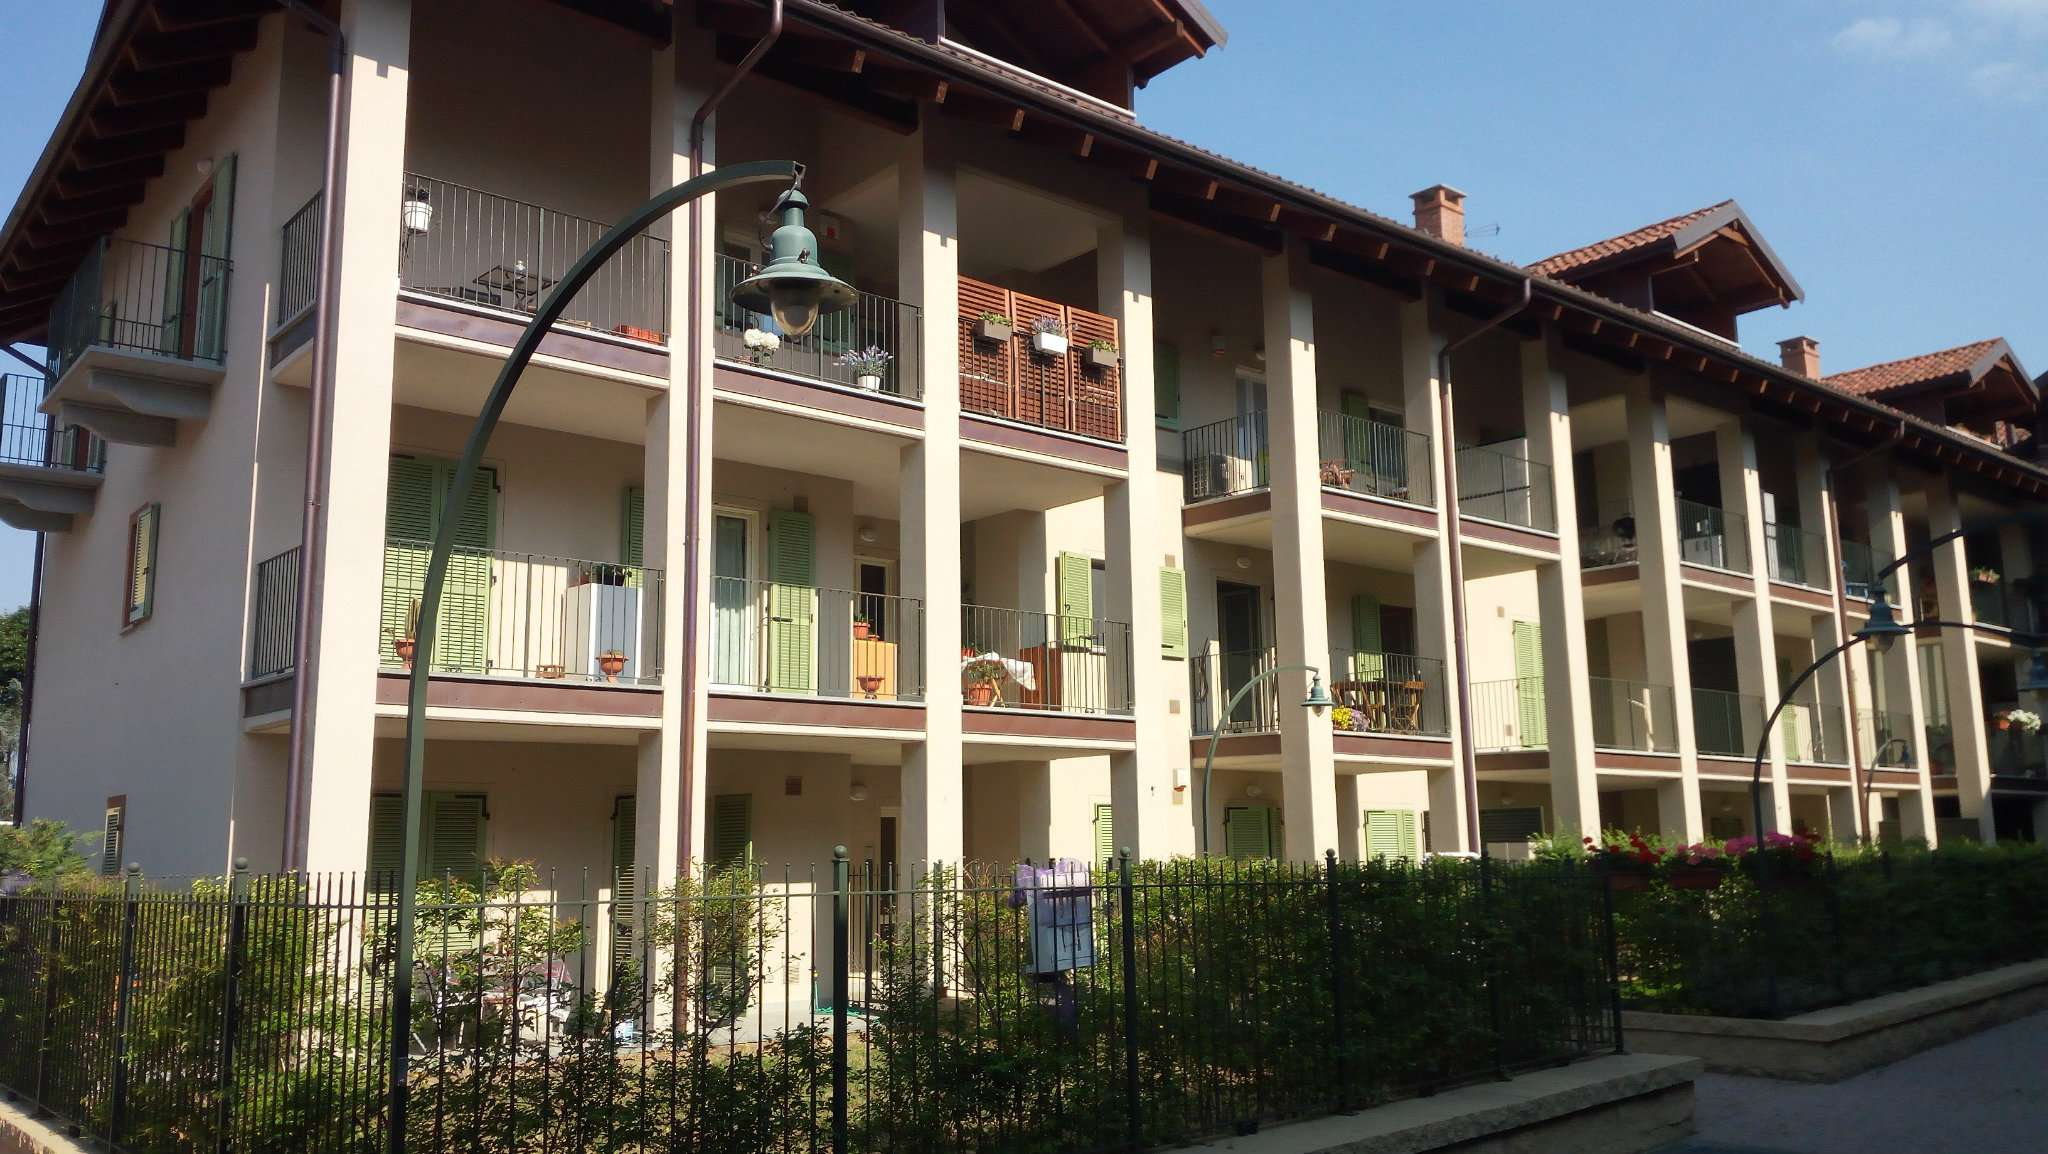 Appartamento in vendita a Beinasco, 2 locali, prezzo € 129.000 | CambioCasa.it